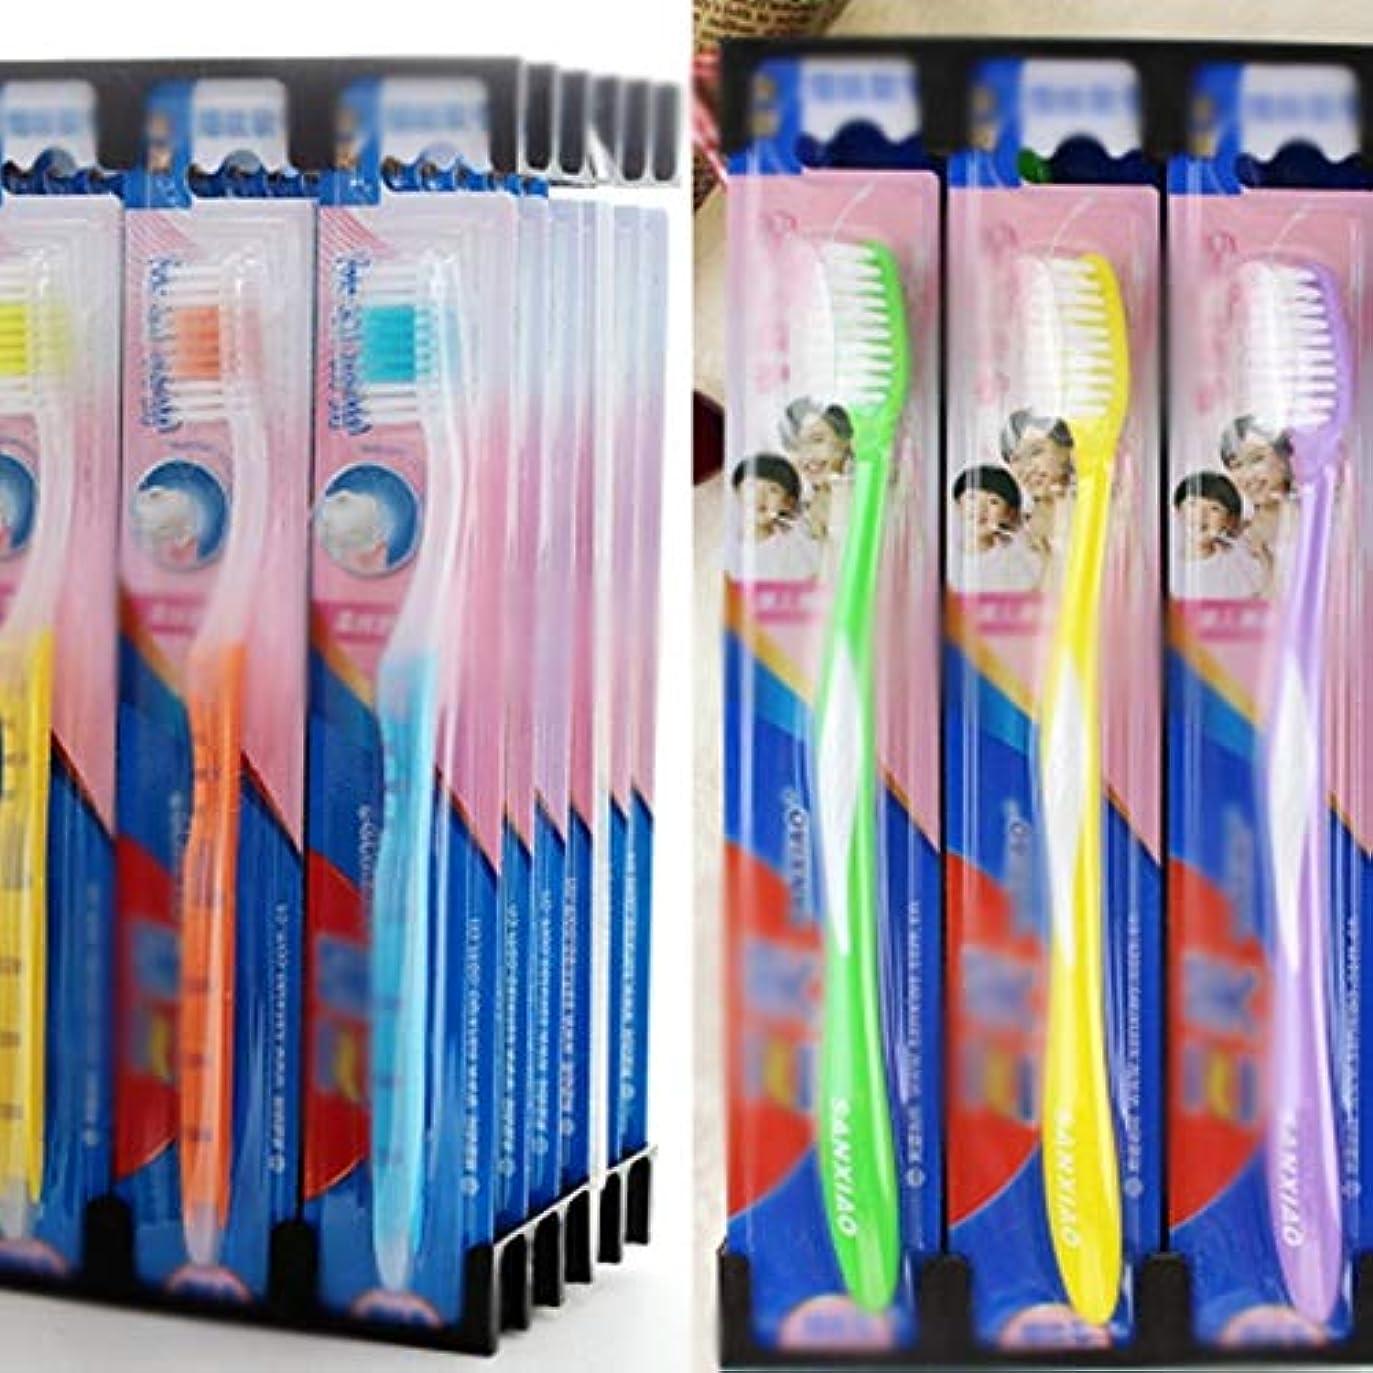 雷雨ハッピーポーン歯ブラシ 30パック歯ブラシ、家族バルク成人歯ブラシ、2つのスタイル混合包装歯ブラシ - 任意8つの組み合わせ KHL (色 : D, サイズ : 30 packs)